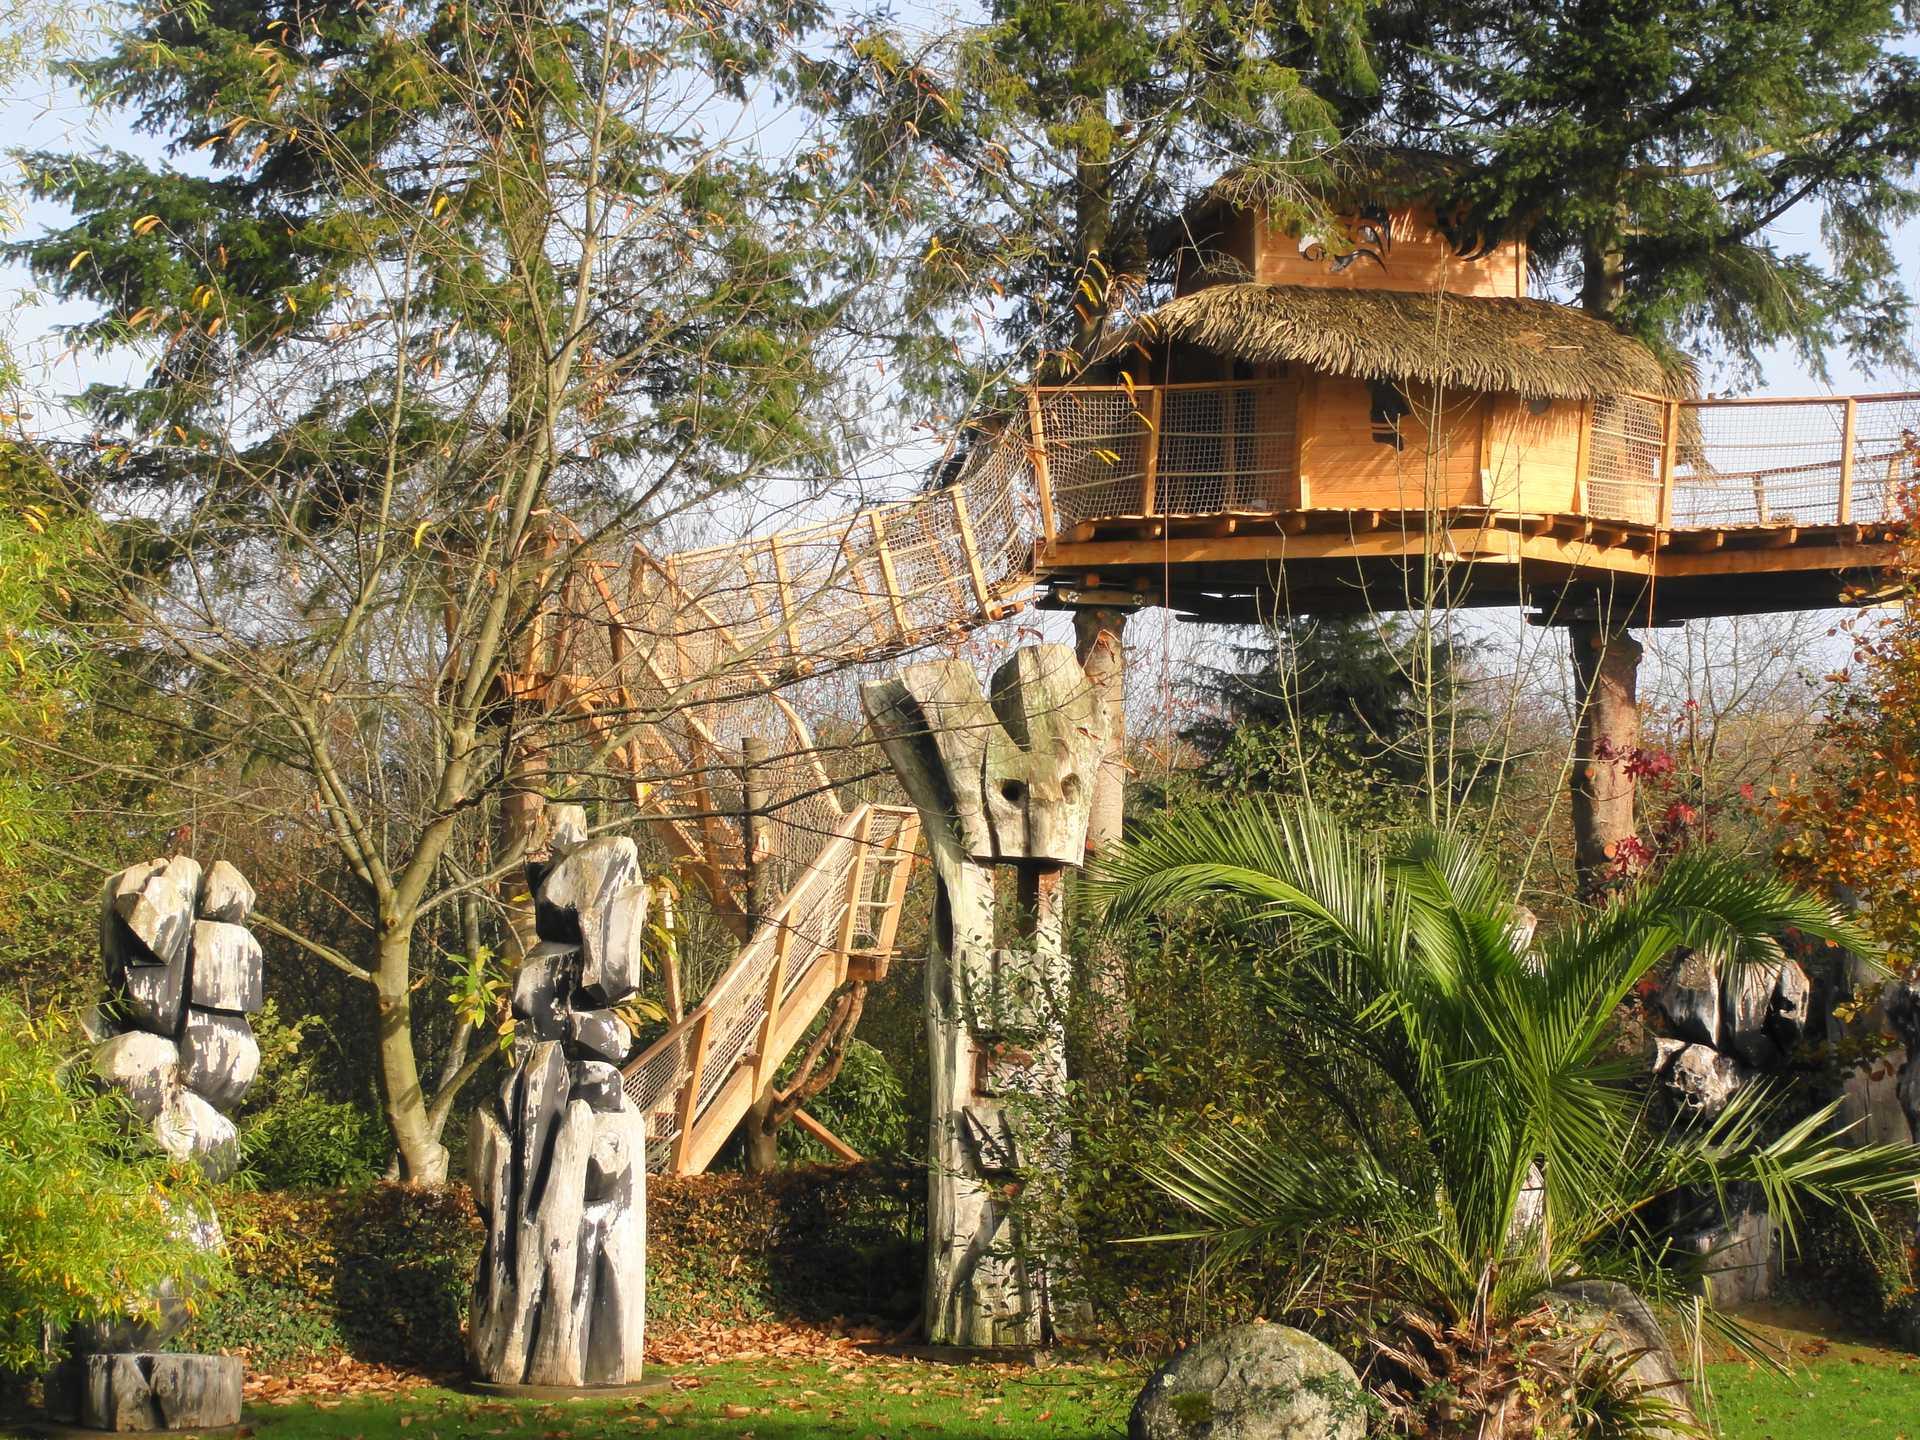 Cabanes du jardin de pierre cabanes de france for Cabanes du jardin de pierre